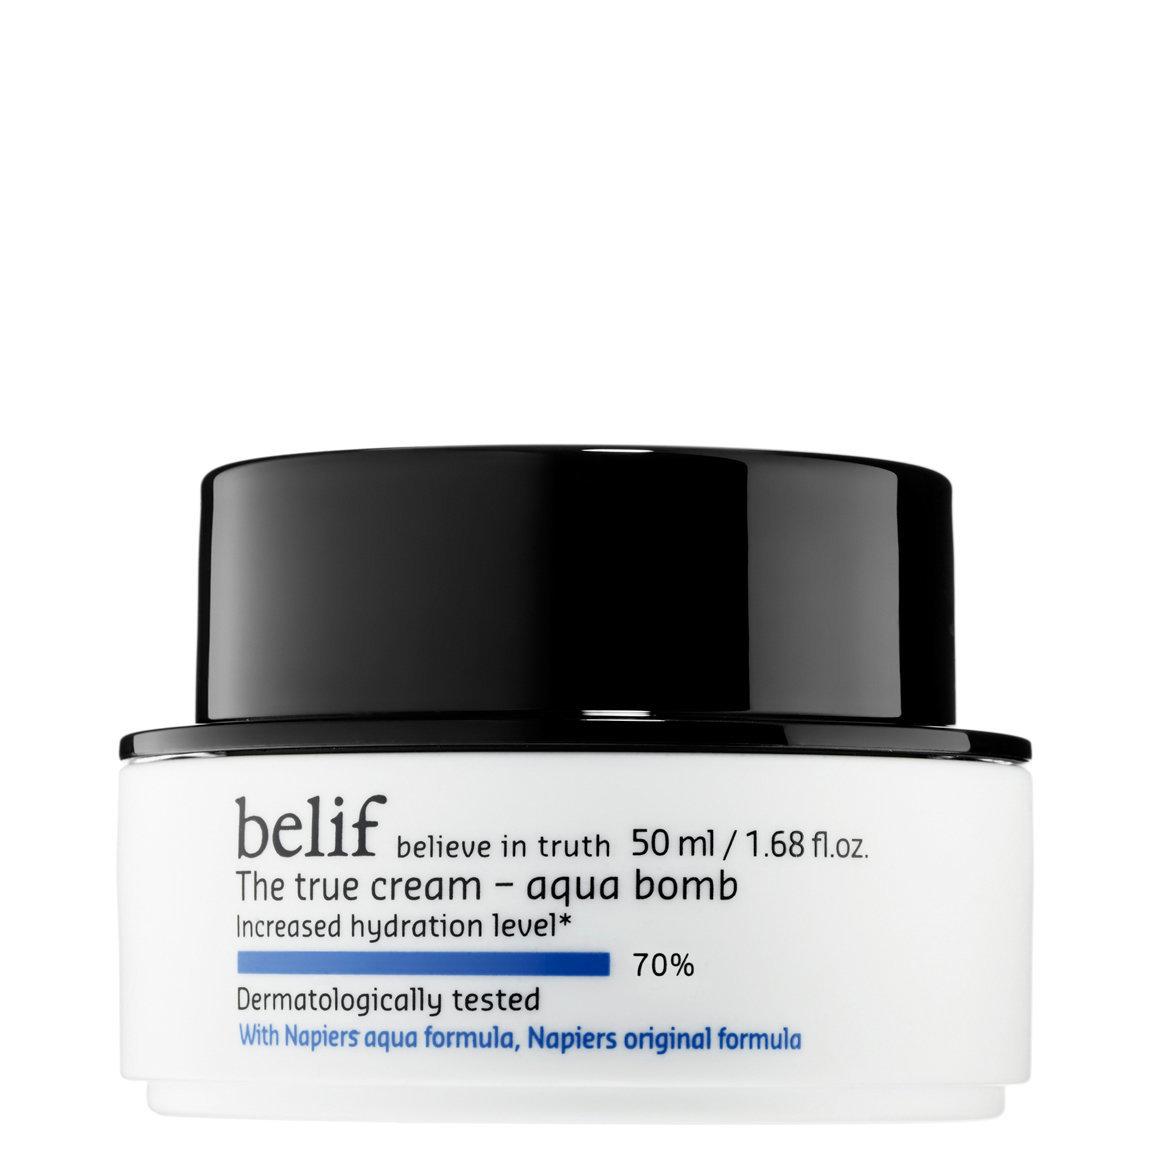 belif The True Cream Aqua Bomb product swatch.